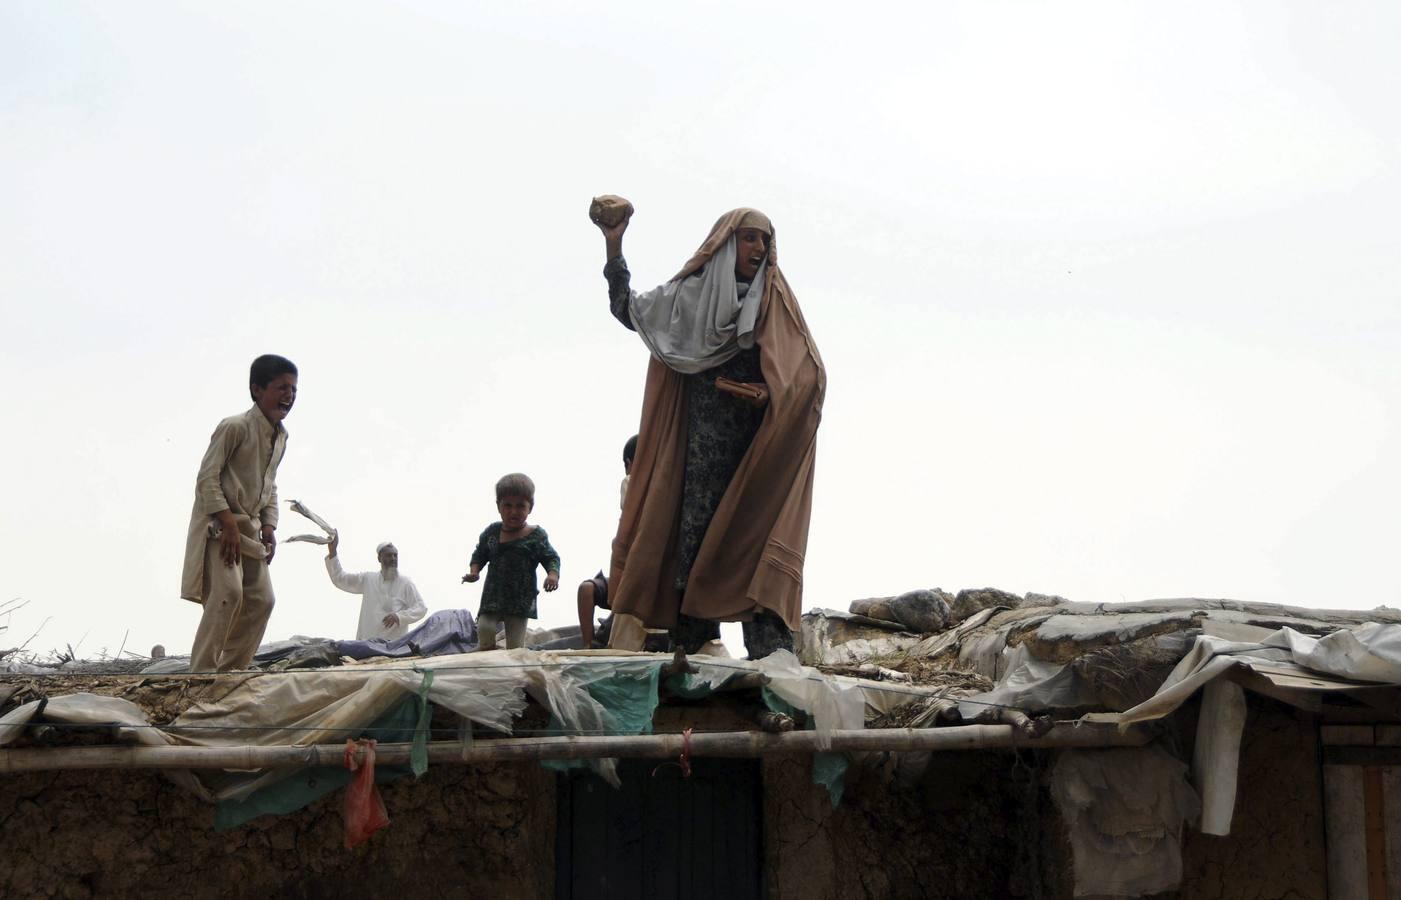 Las imágenes del desalojo de varias viviendas de refugiados en Islamabad, Afganistán